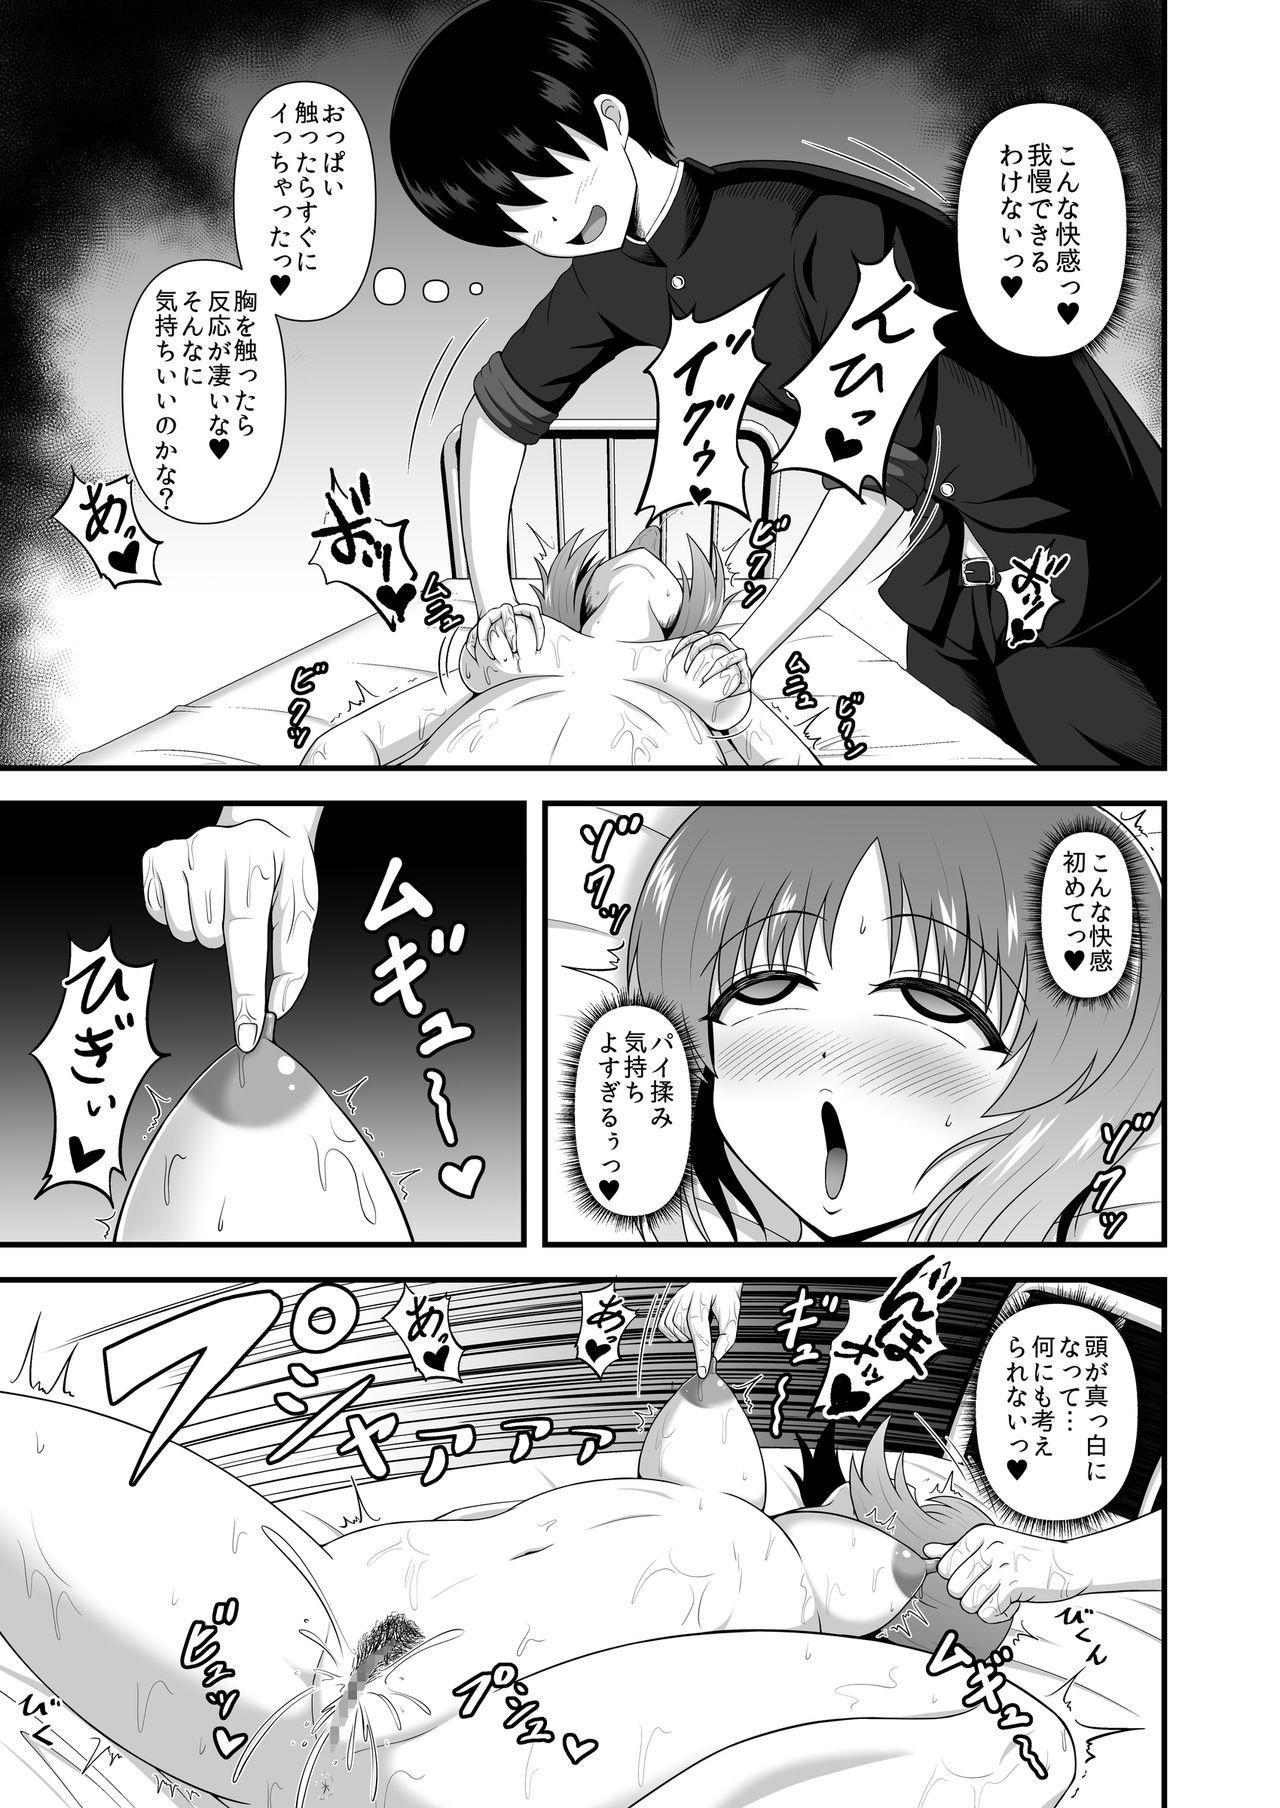 Teisou Gyakuten Abekobe Banashi 3 21